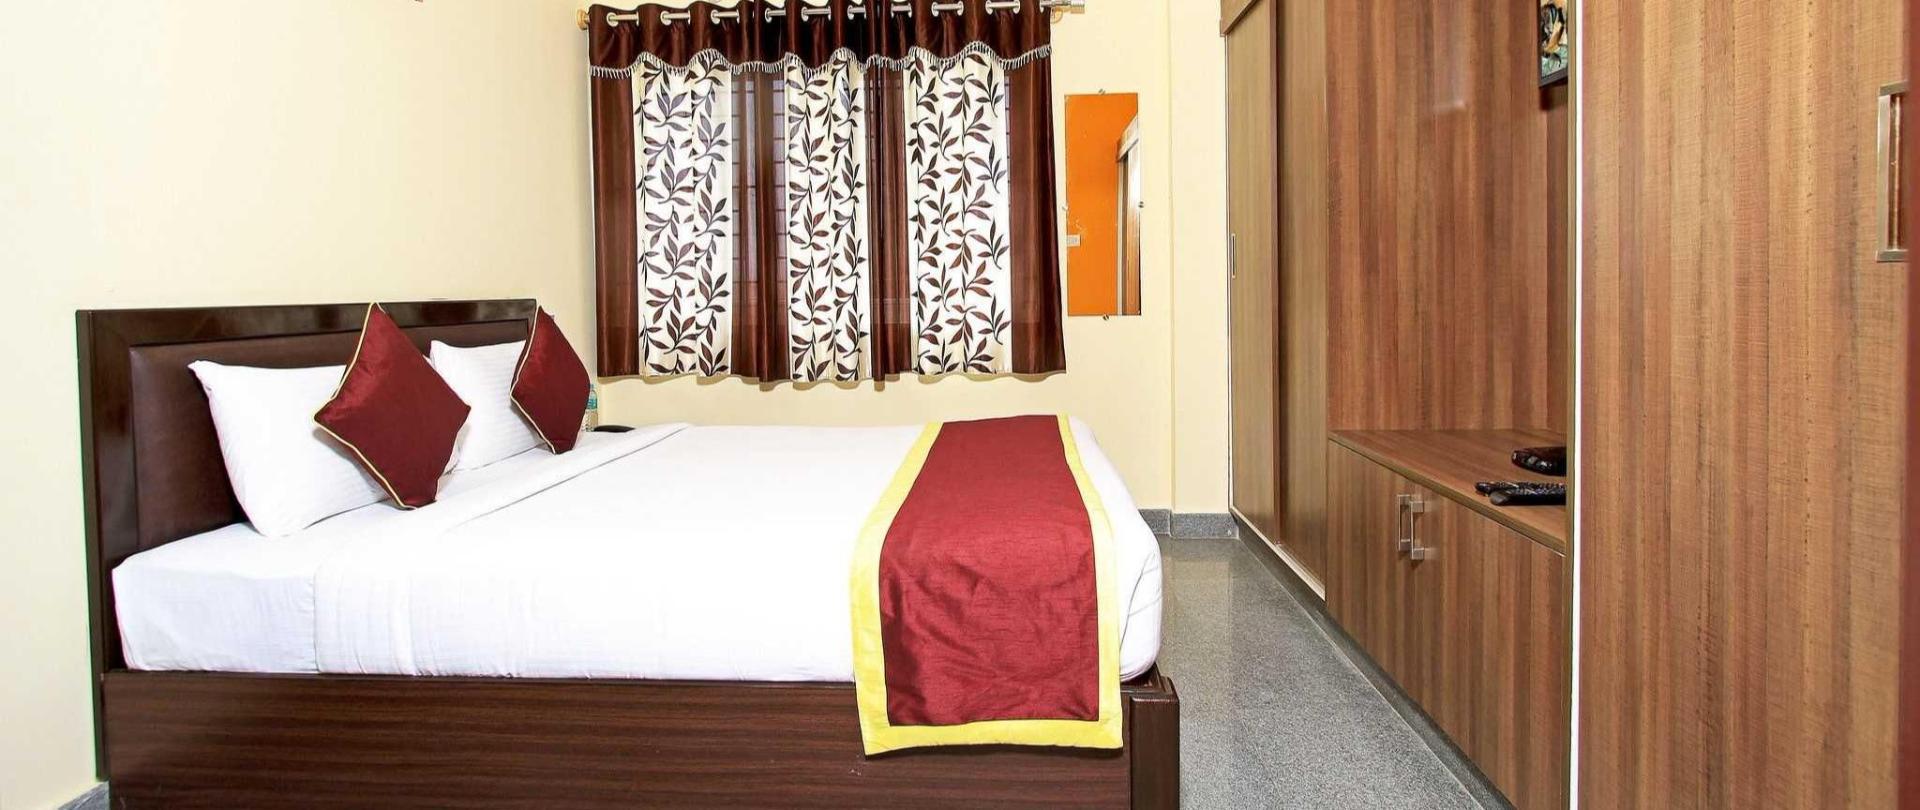 deluxe-room-bed.JPG